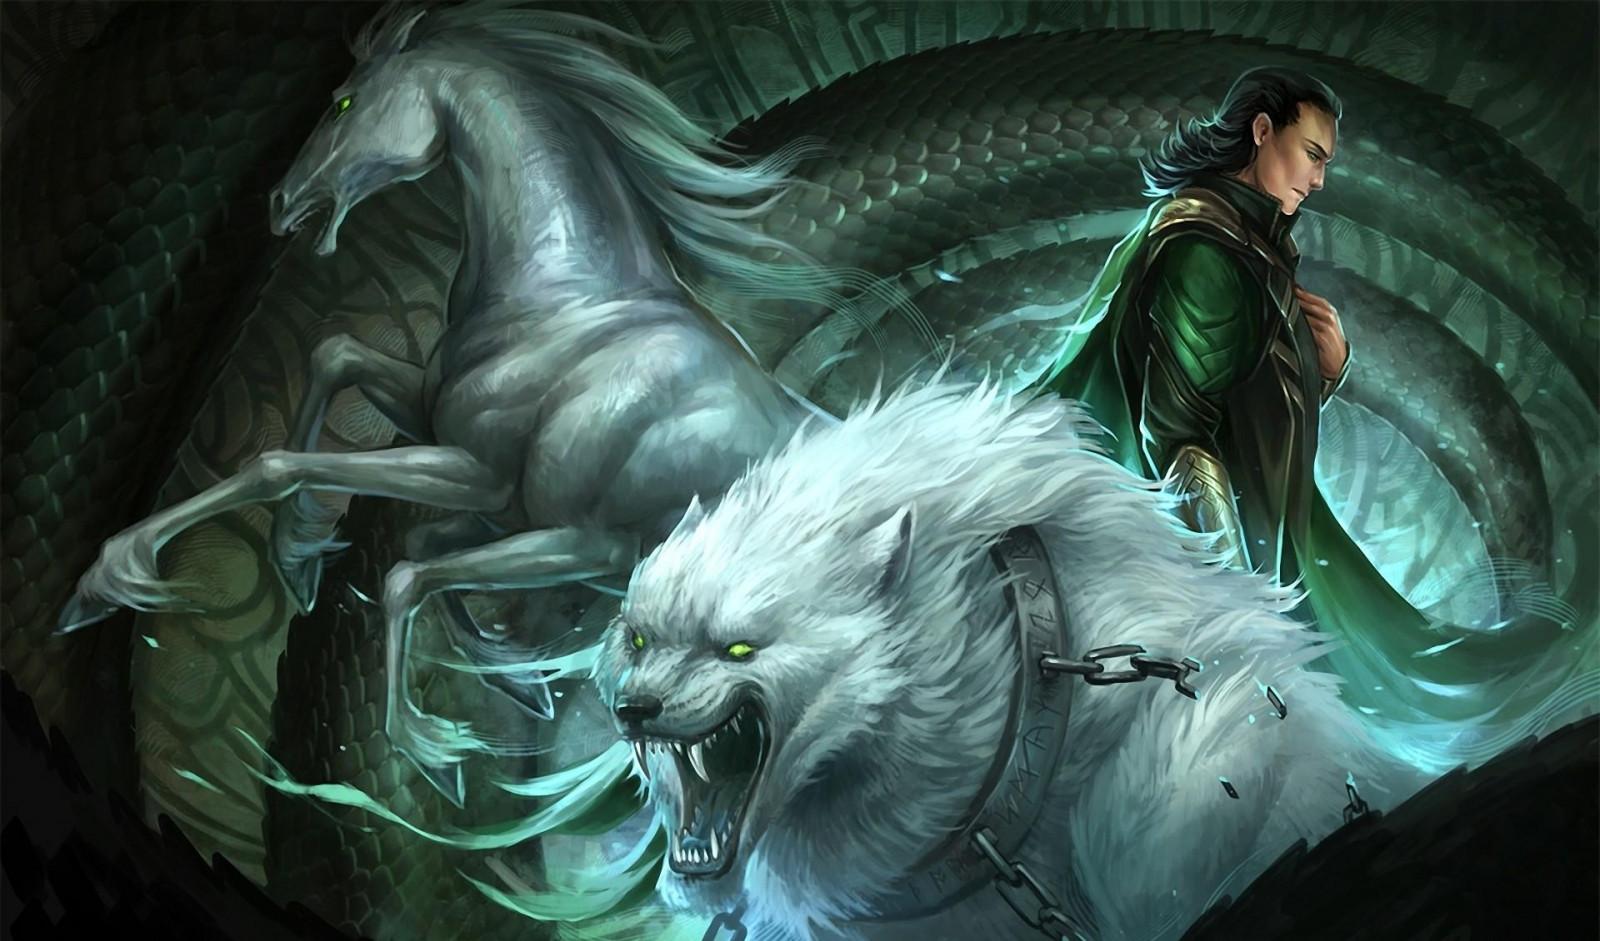 Sfondi illustrazione cavallo serpente catene lupo - Mitologia greca mitologia cavallo uomo ...